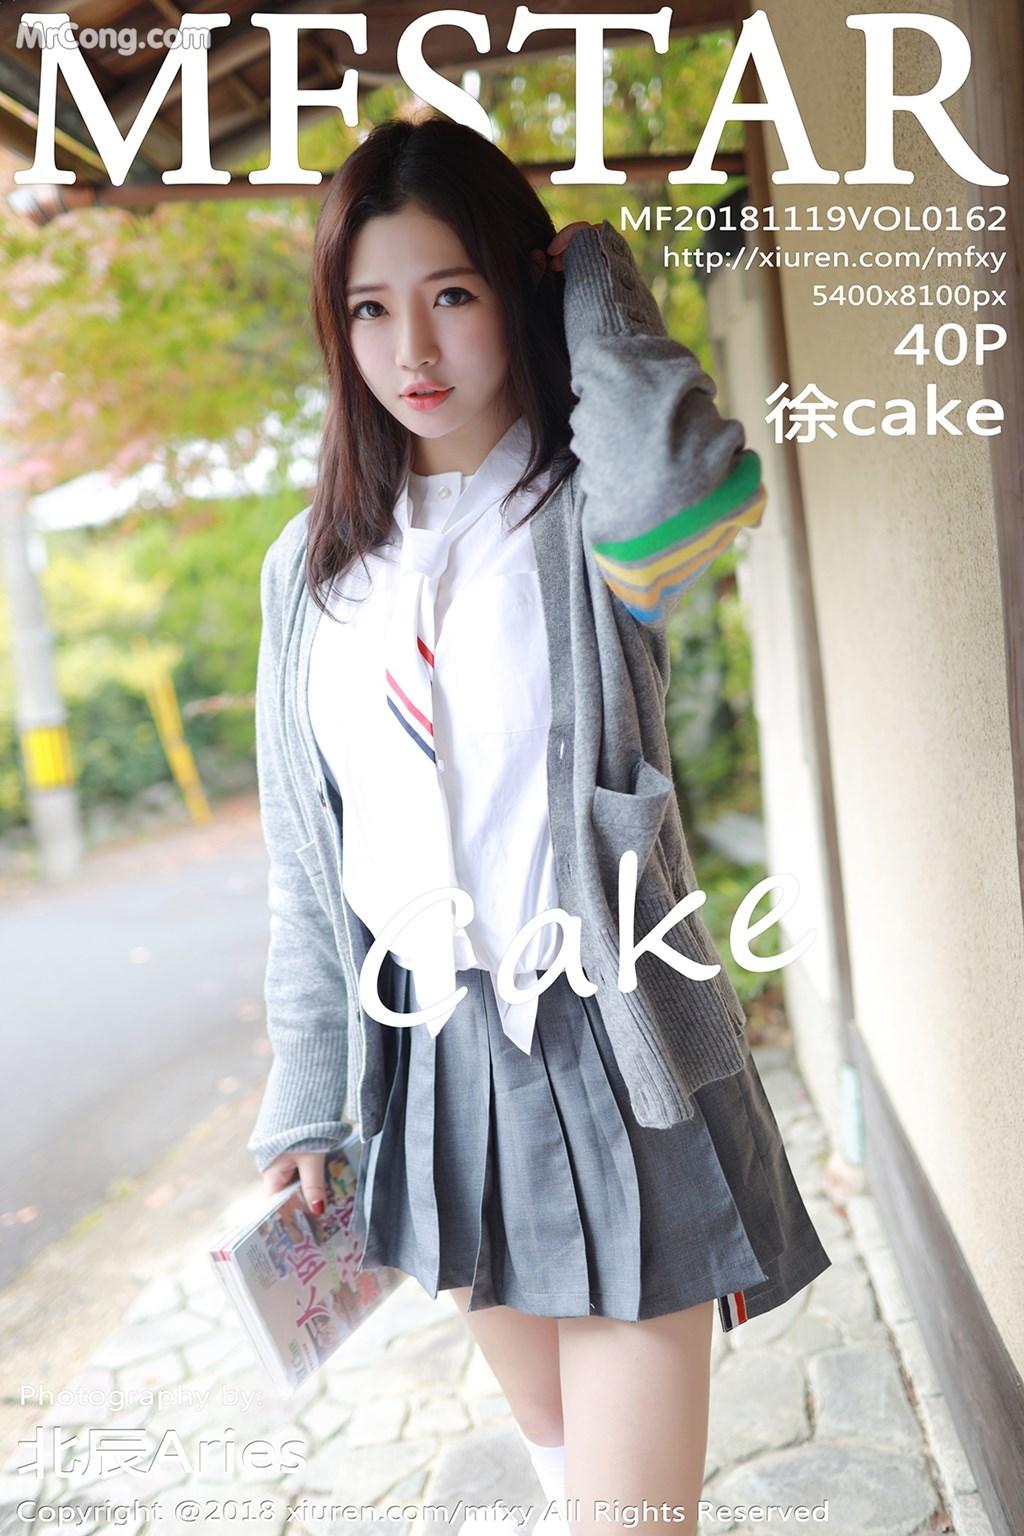 MFStar Vol.162: Người mẫu Xu Cake (徐cake) (41 ảnh) - Trang 2 trên 4